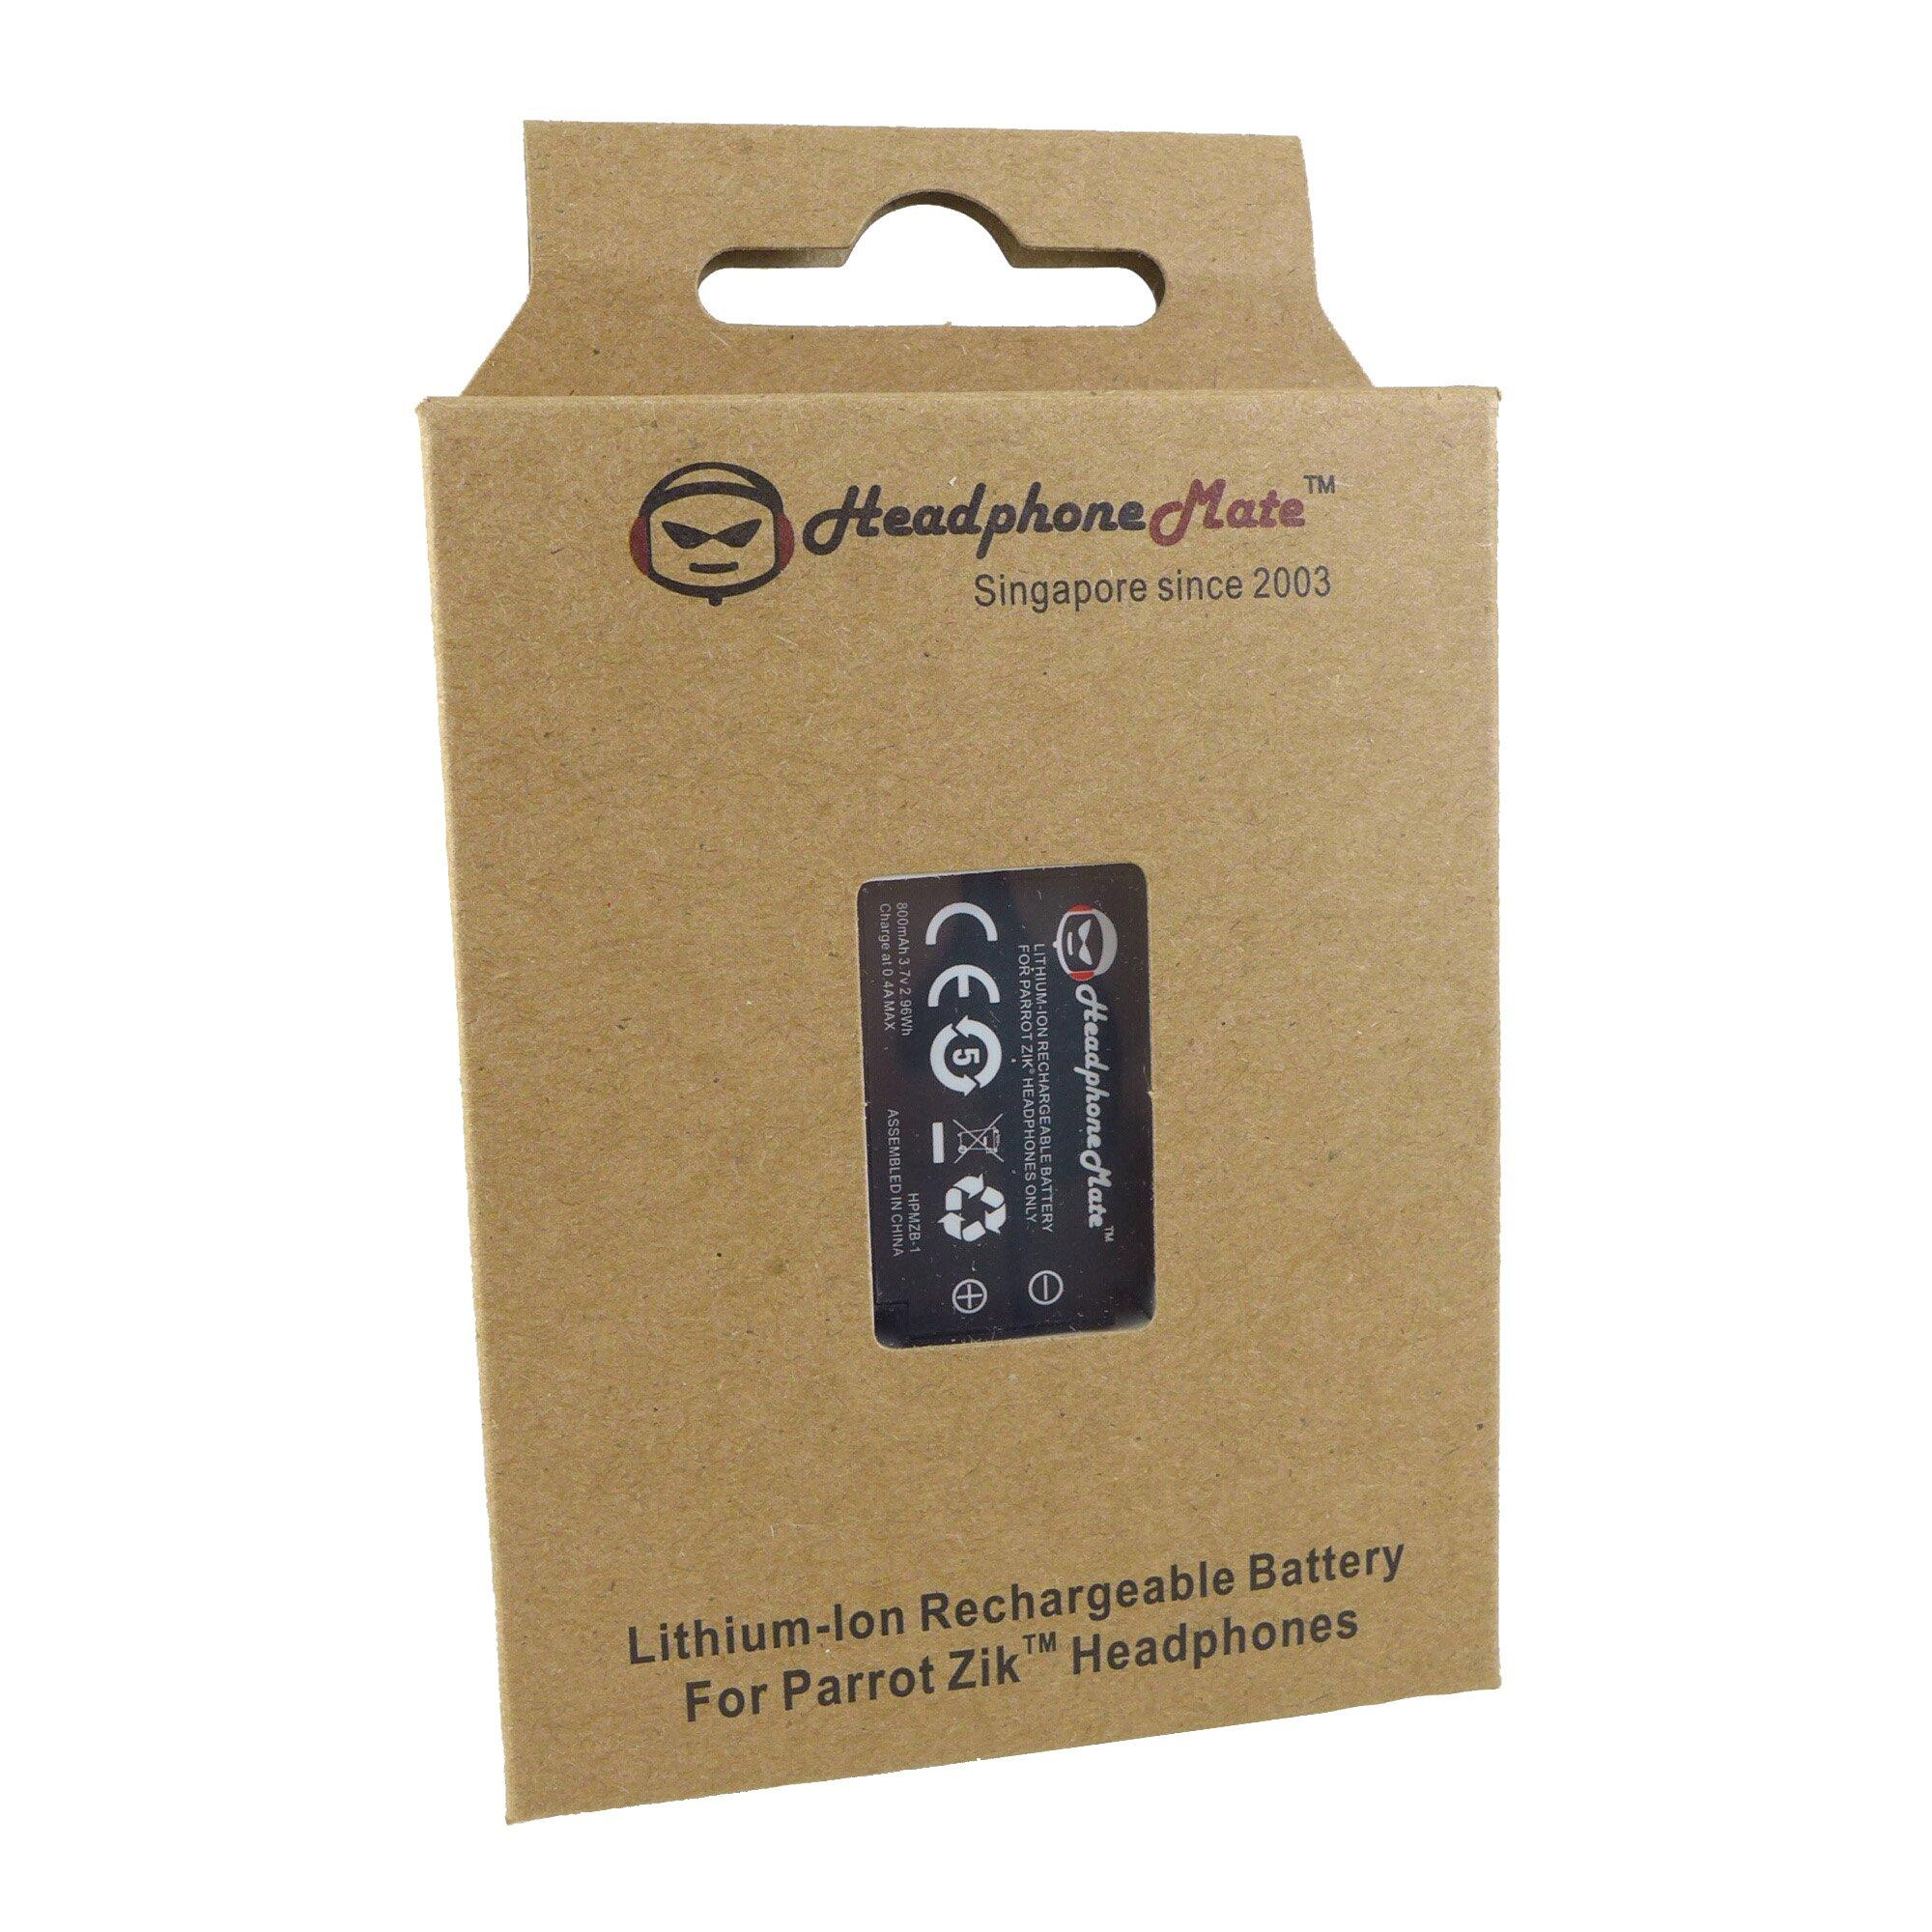 HeadphoneMate Rechargeable Battery for Parrot Zik 1 Zik 1.0 (Zik first version ) Headphones